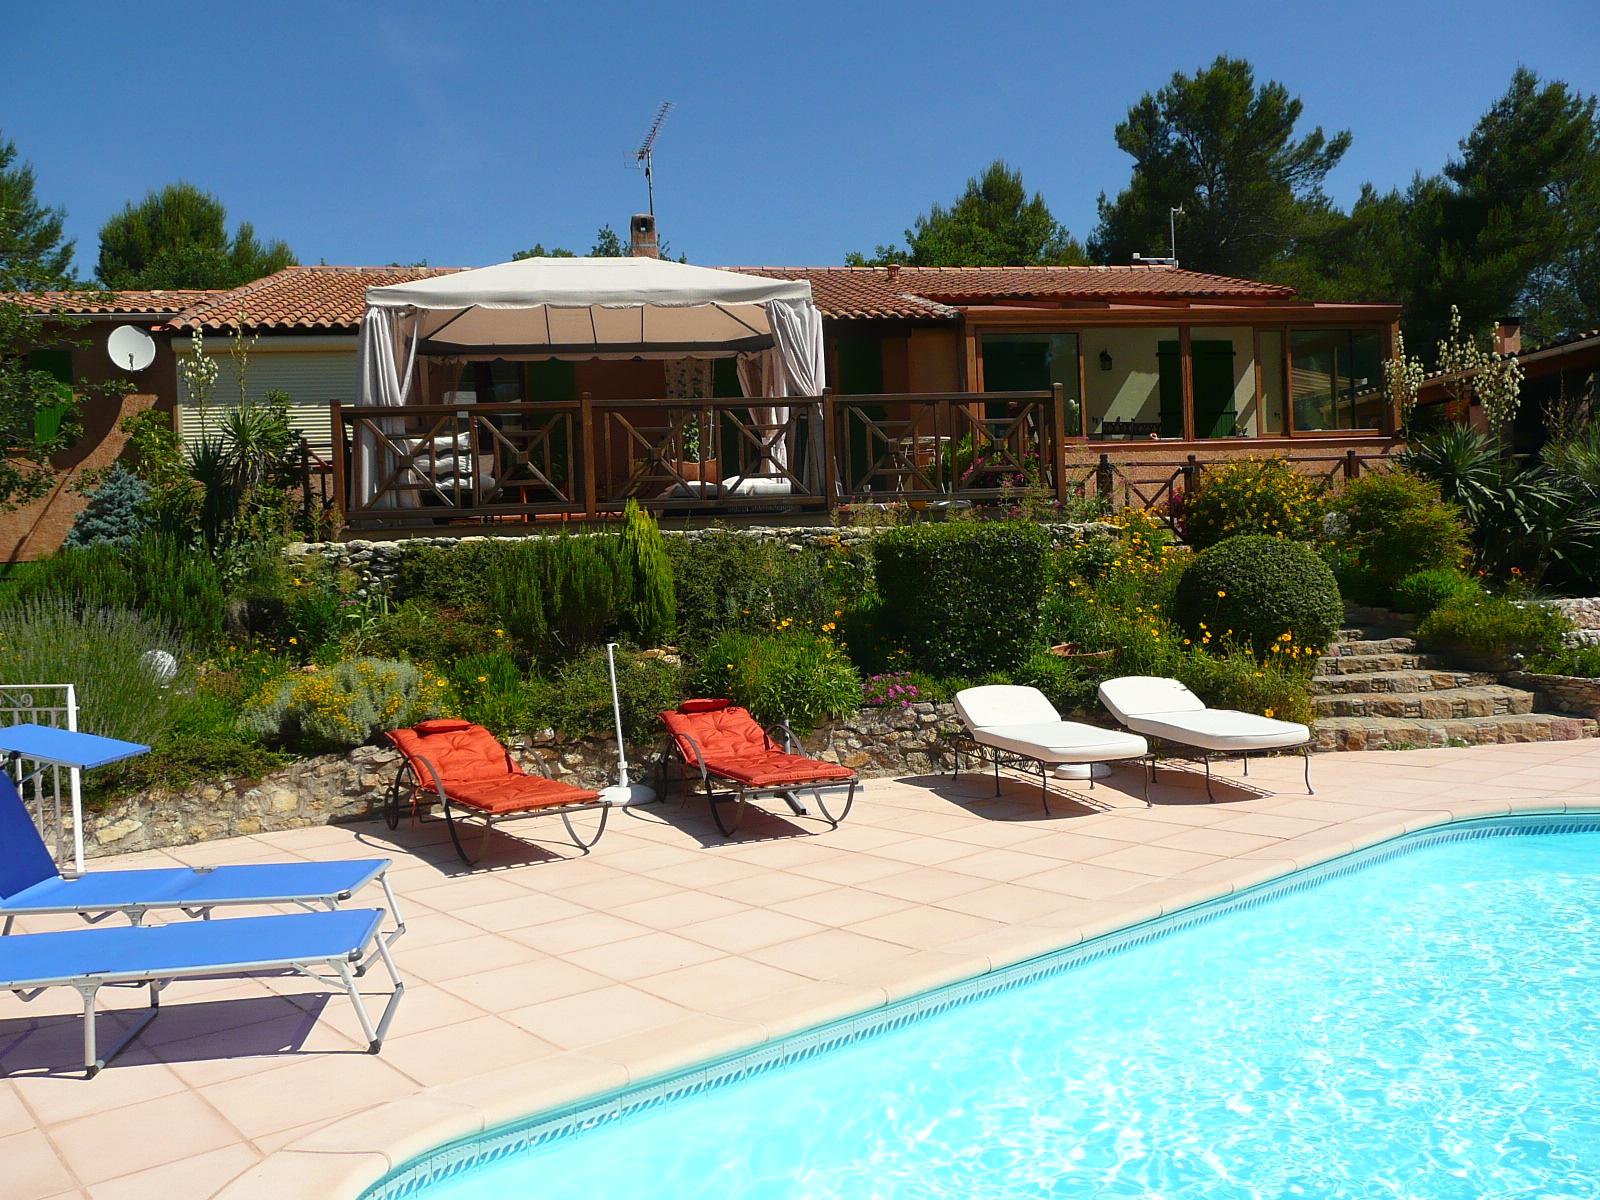 Bandb chambre d 39 h tes piscine chauff e jacuzzi entre aix en provence et cassis t l - Chambre d hotes aix en provence piscine ...